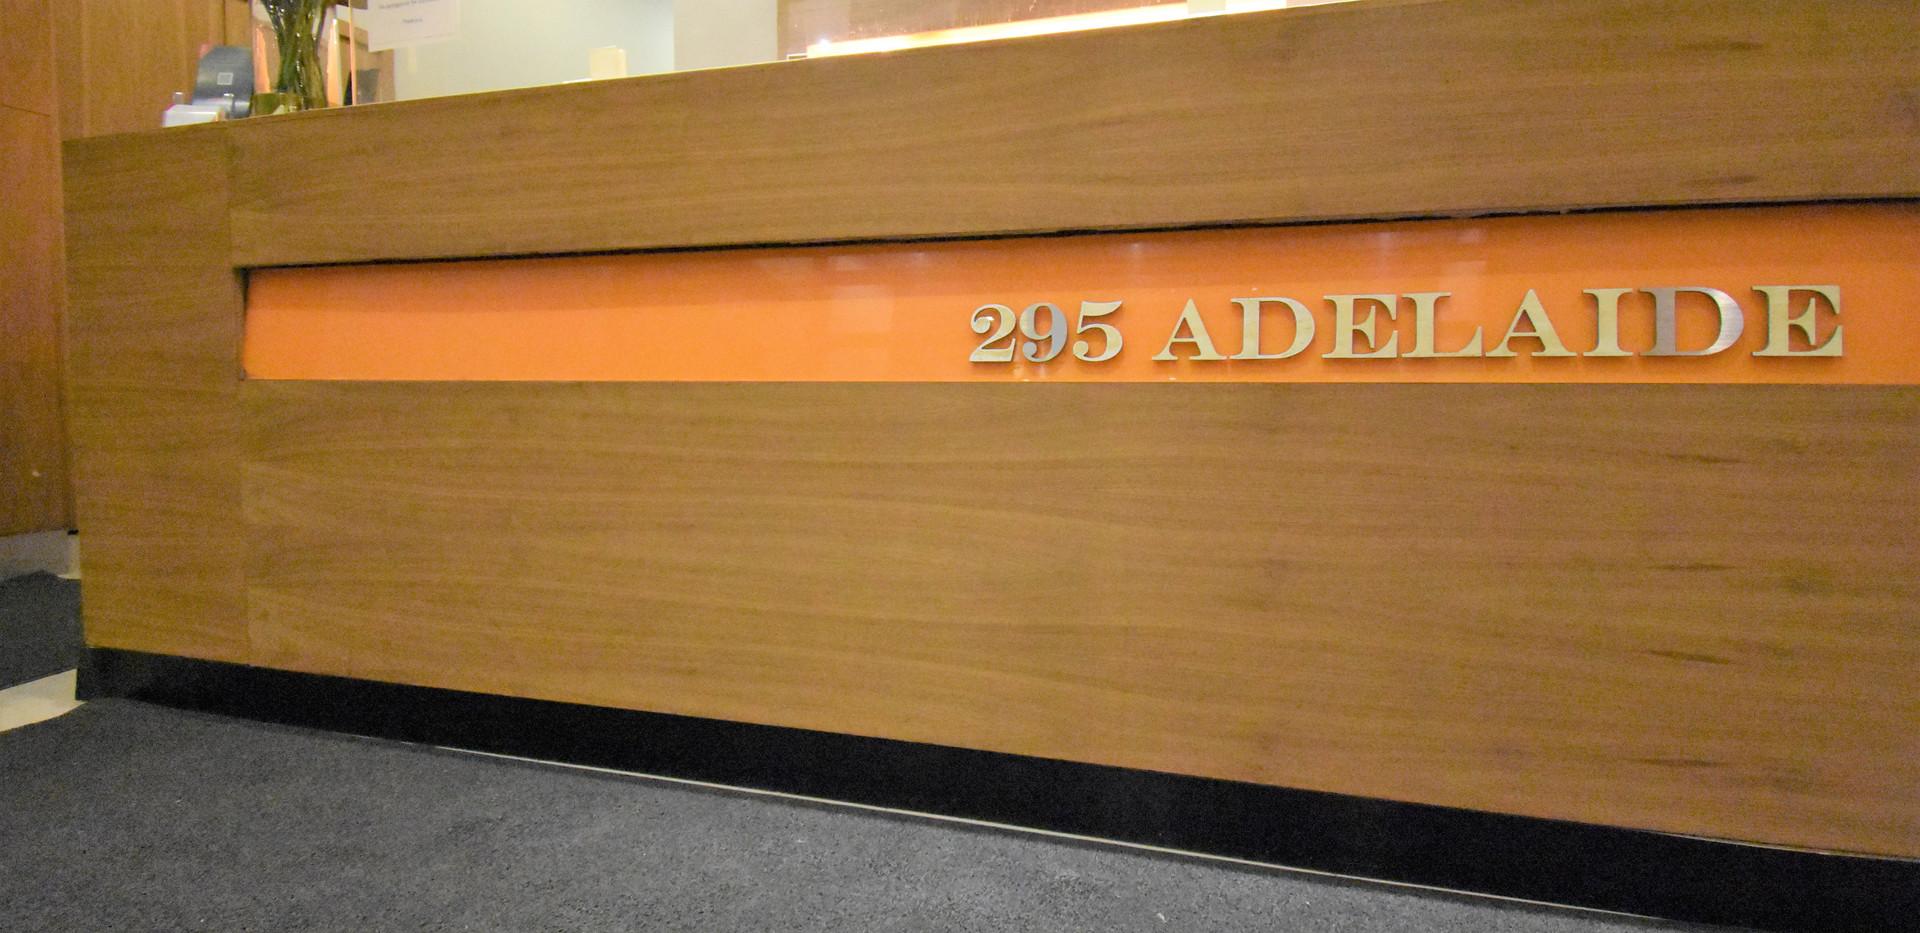 295 Adelaide